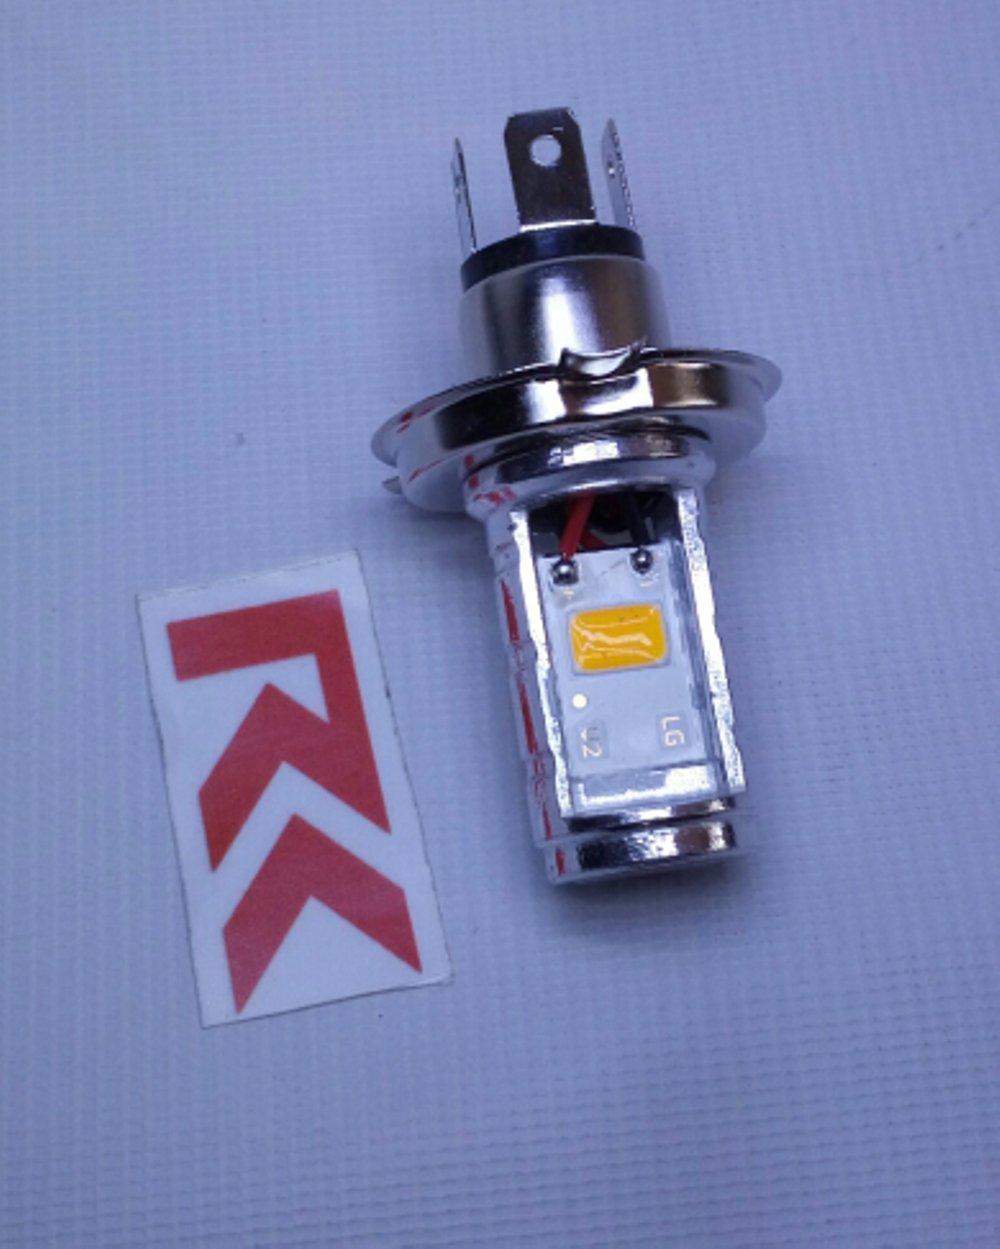 LAMPU MOTOR LED HS1 / H4 WARNA WARMWHITE | LED LAMPU UTAMA MOTOR KUNING HI/